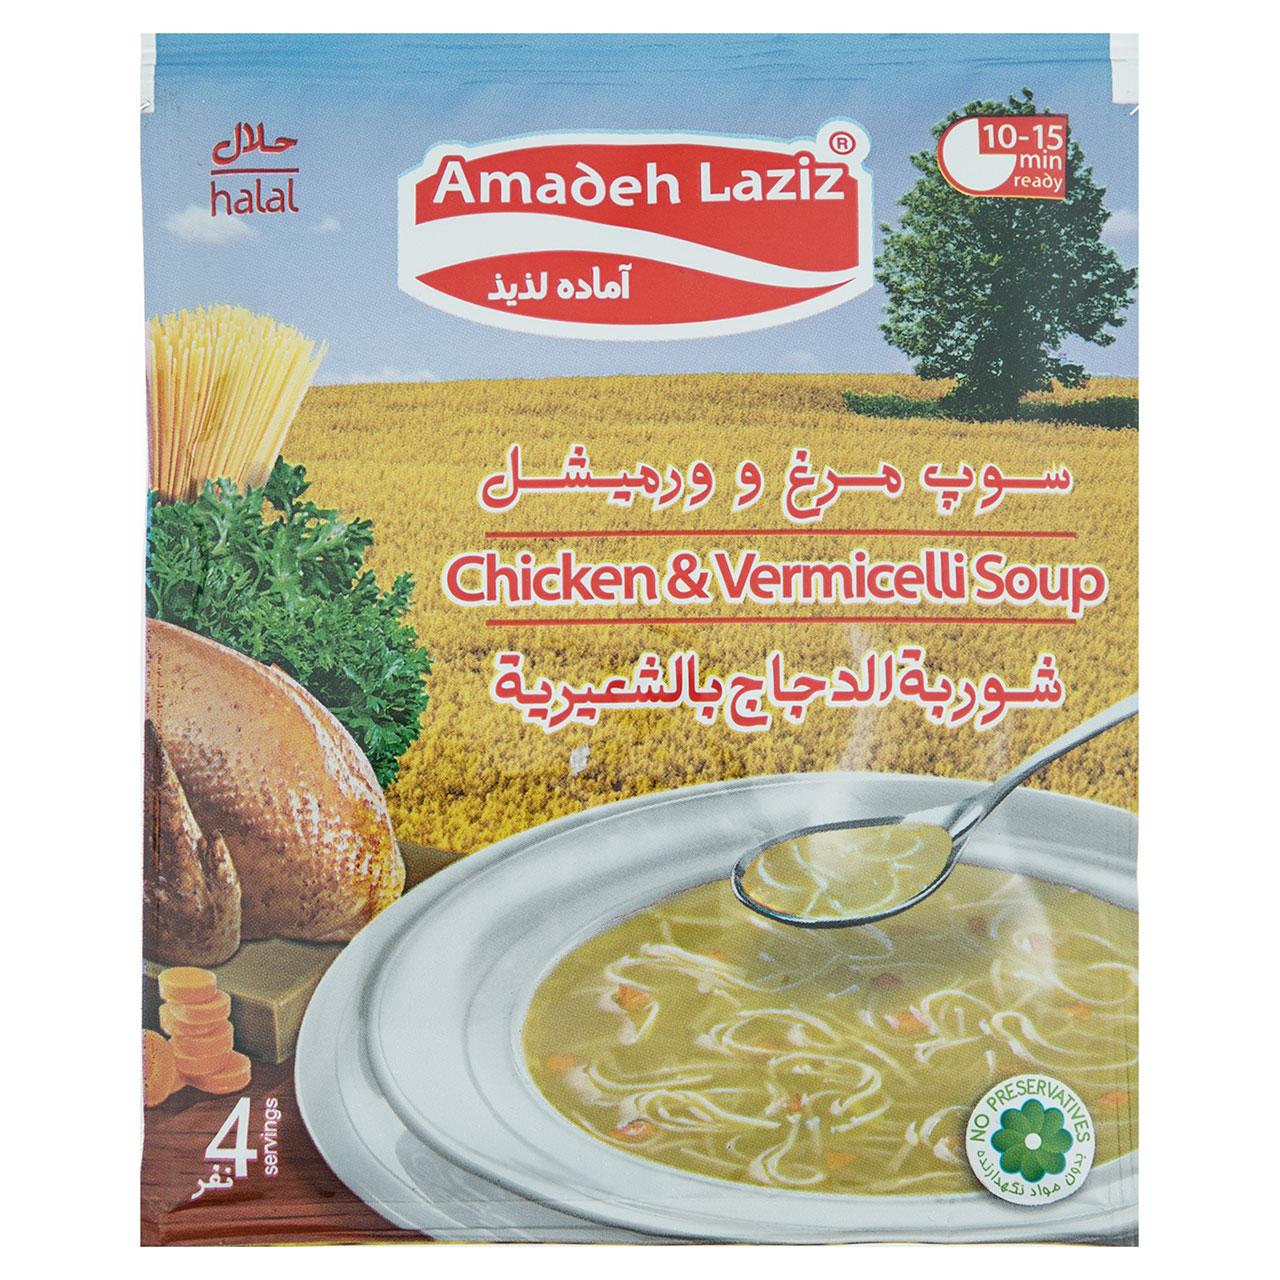 سوپ مرغ و ورمیشل آماده لذیذ مقدار 65 گرم